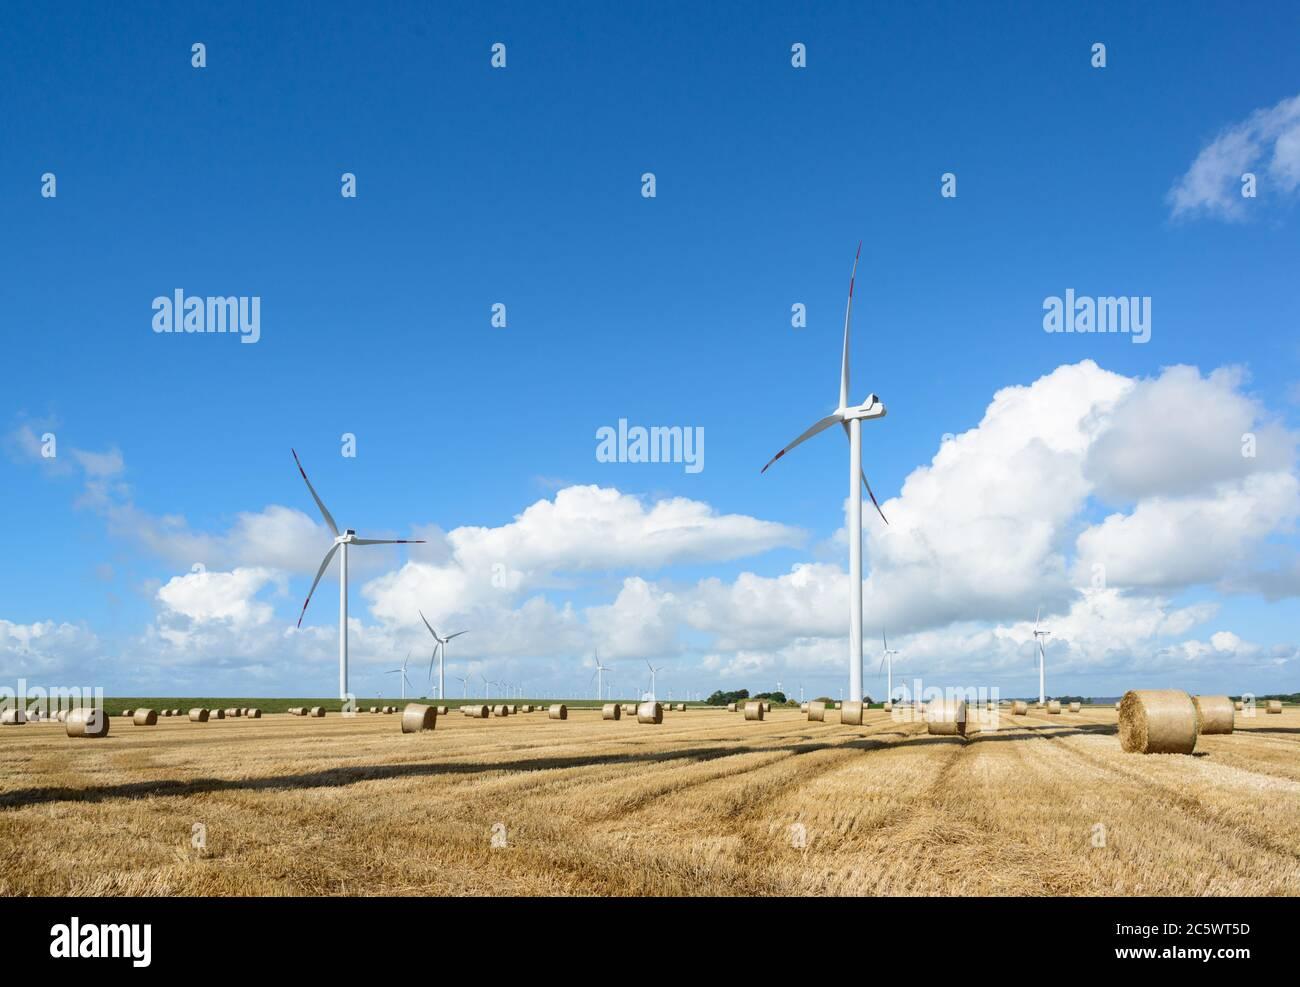 Herbstliches Getreidefeld mit Strohrollen Stock Photo